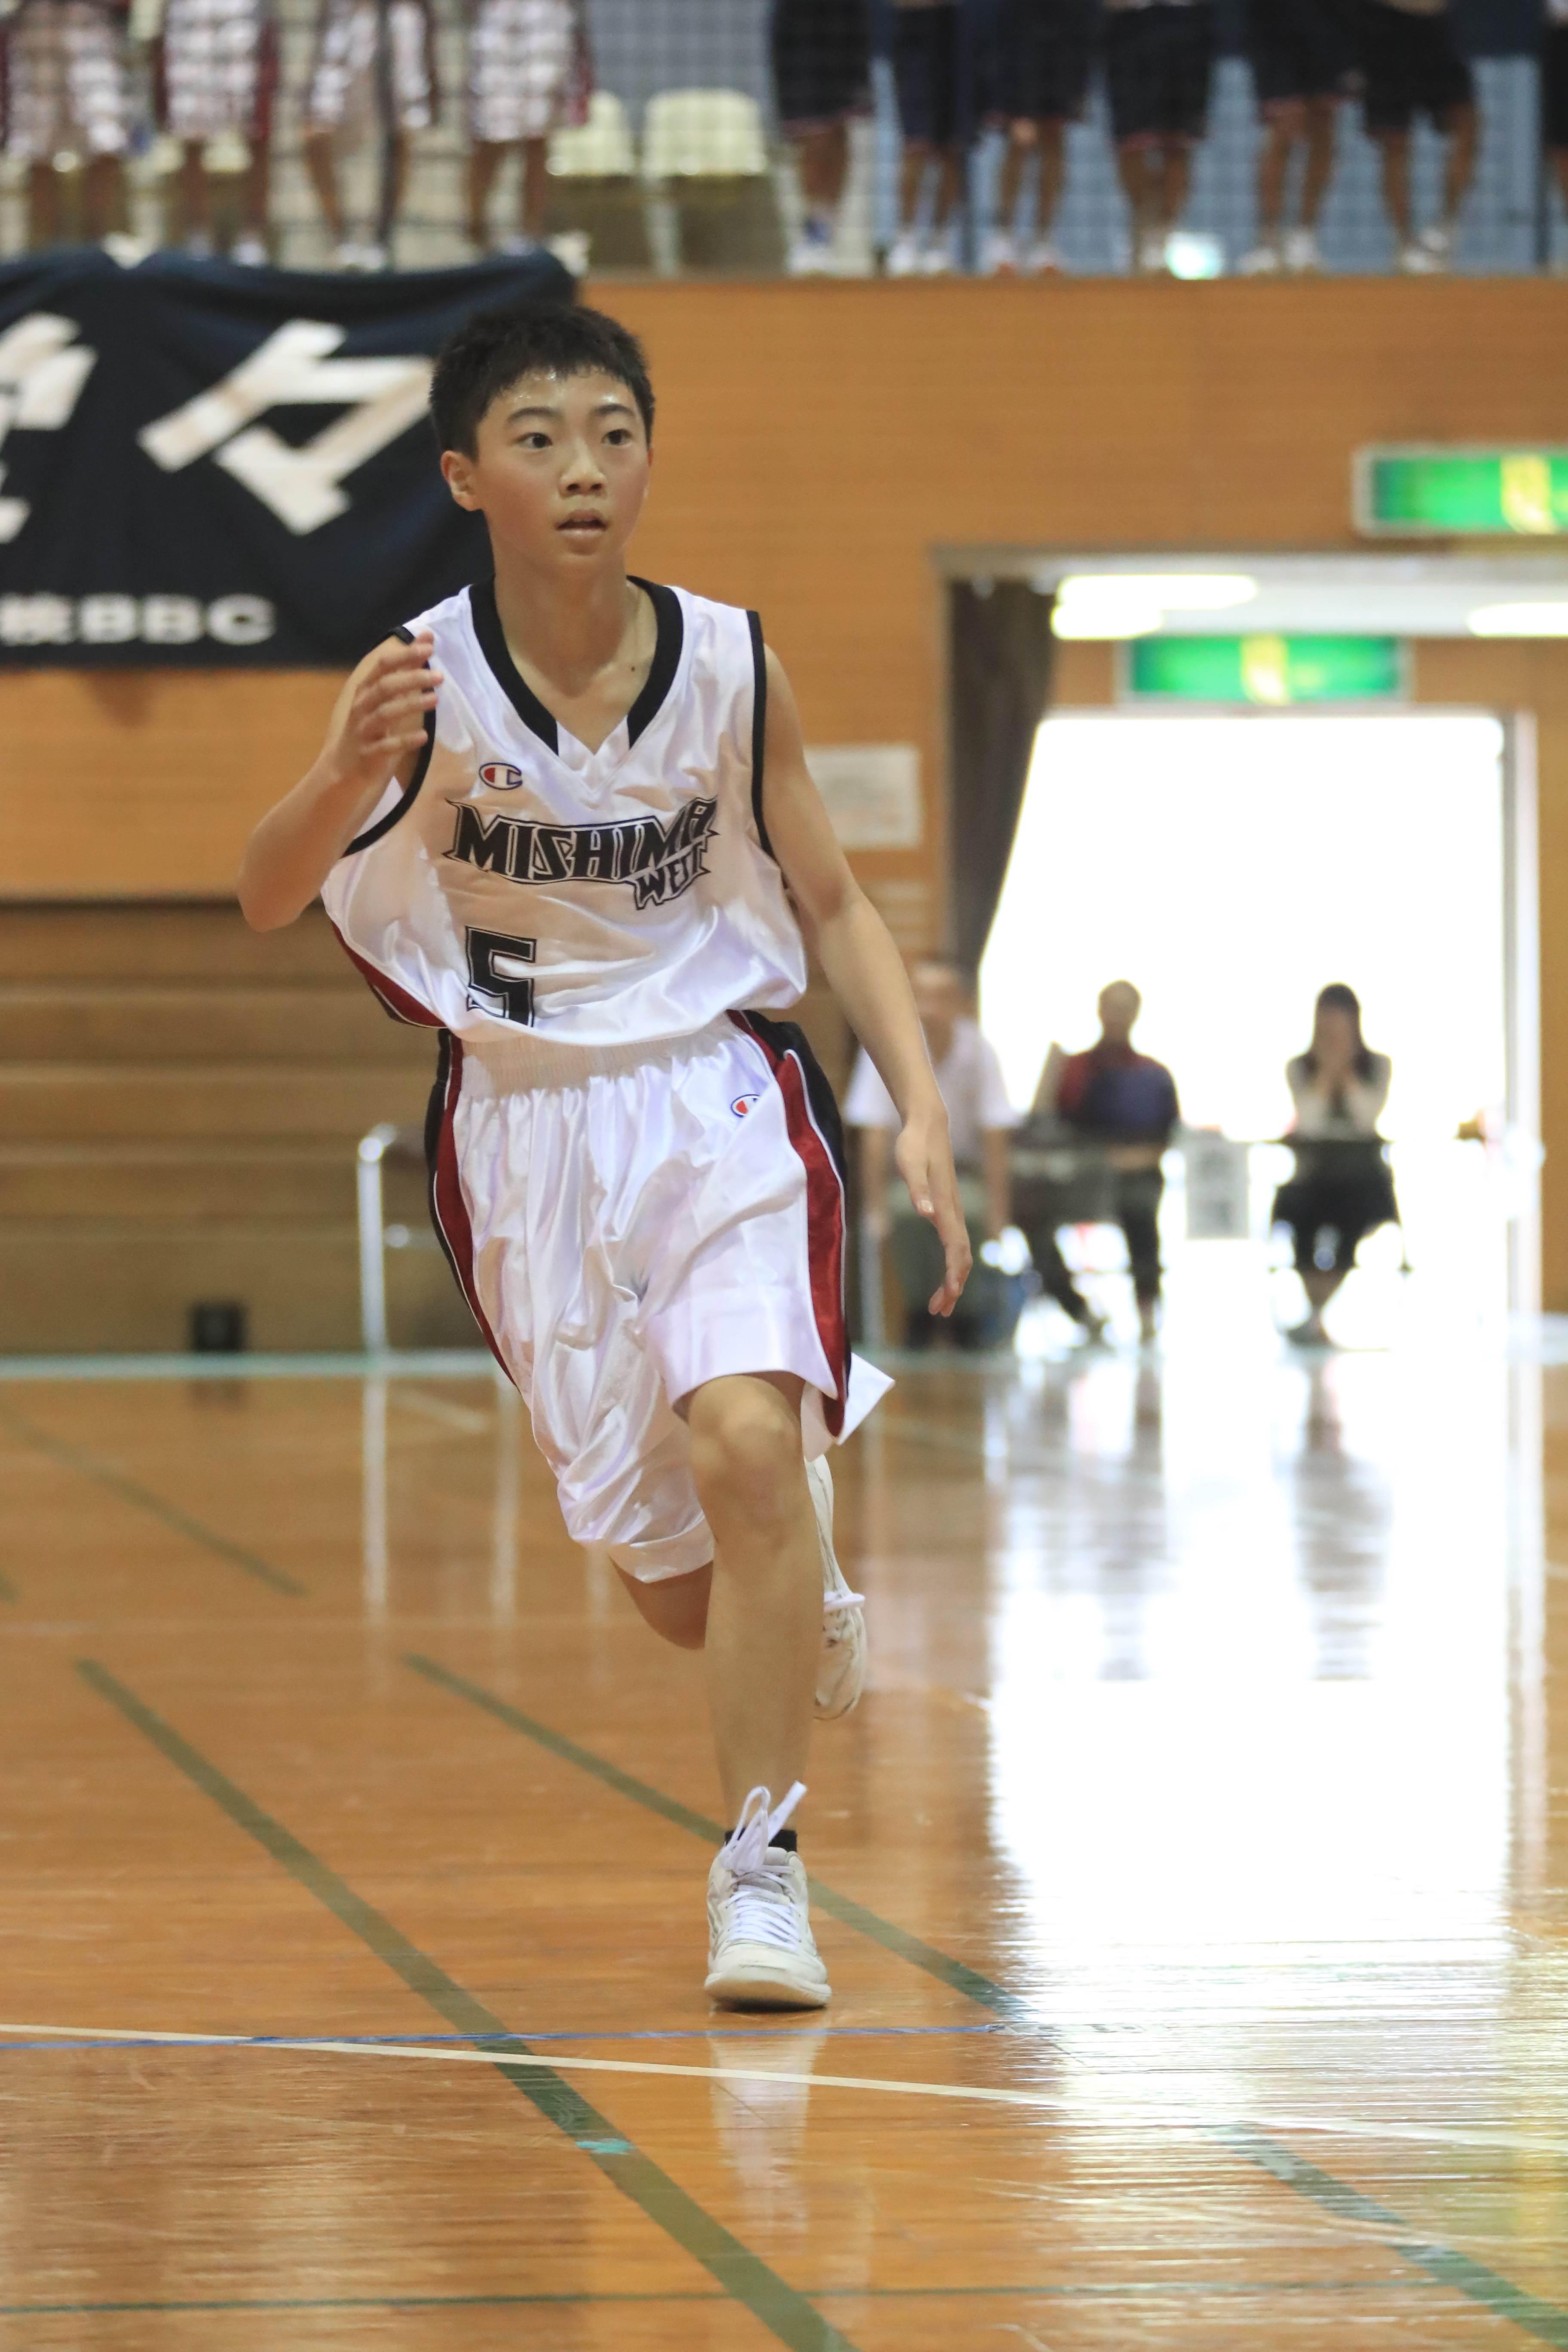 バスケットボール (23)